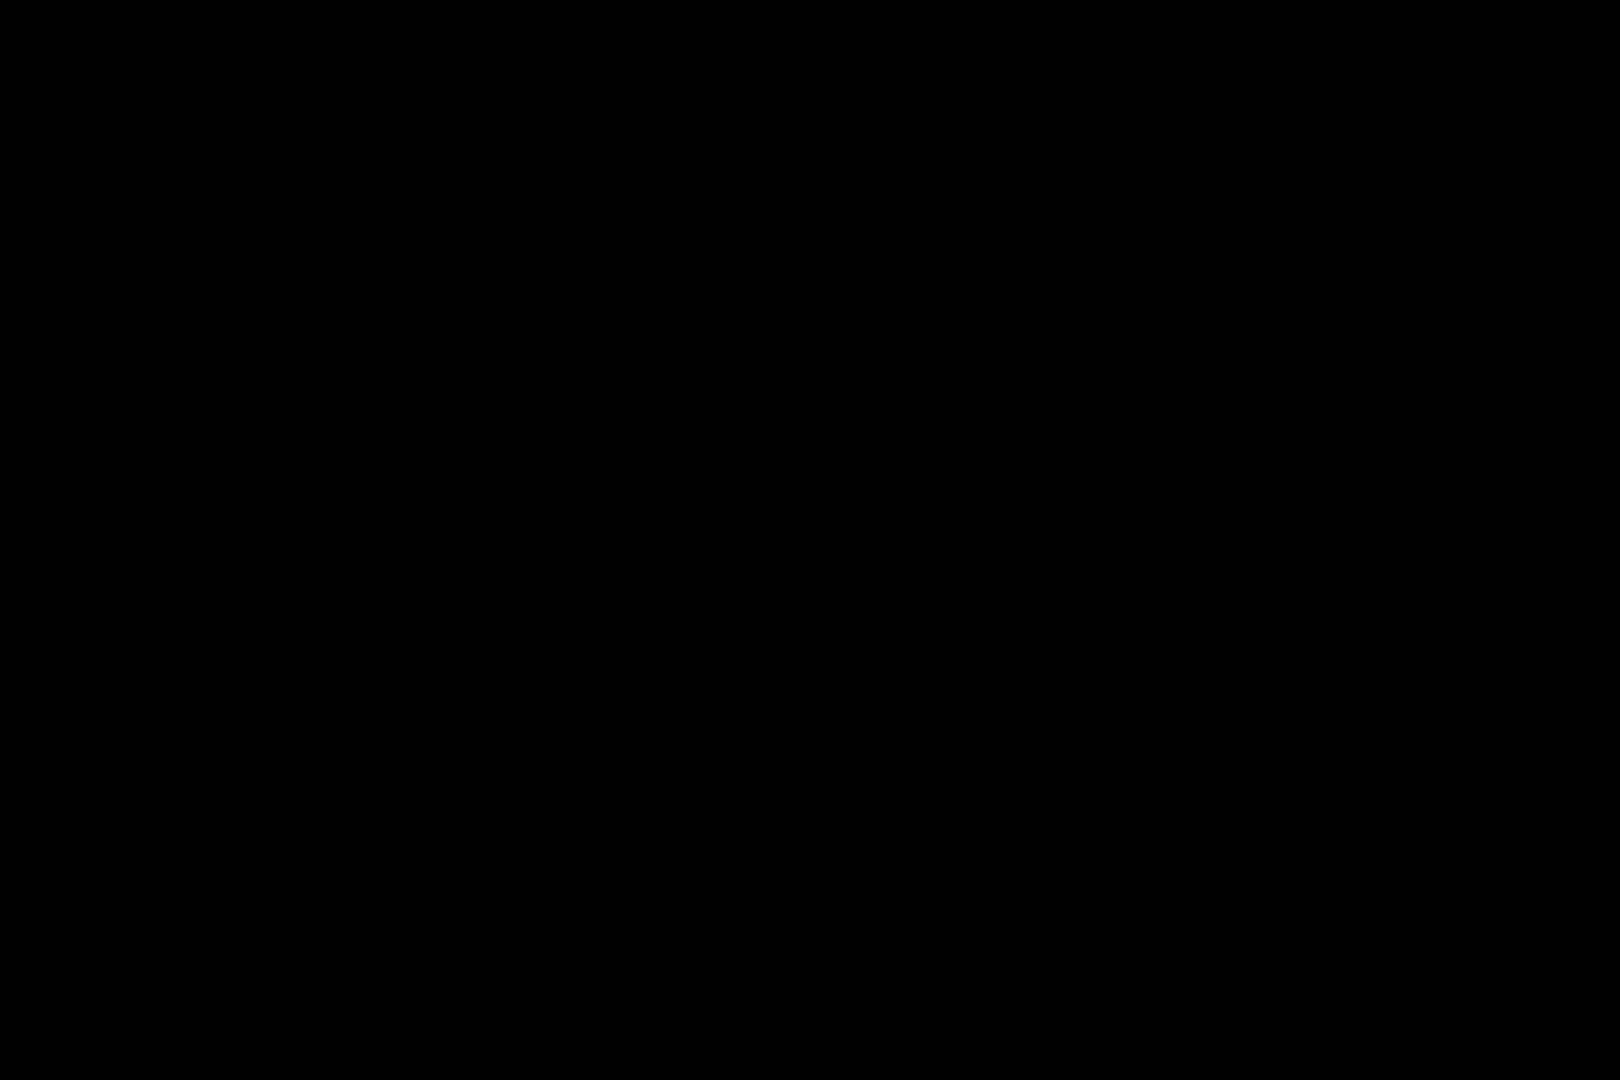 充血監督の深夜の運動会Vol.164 車でエッチ 濡れ場動画紹介 81PIX 48